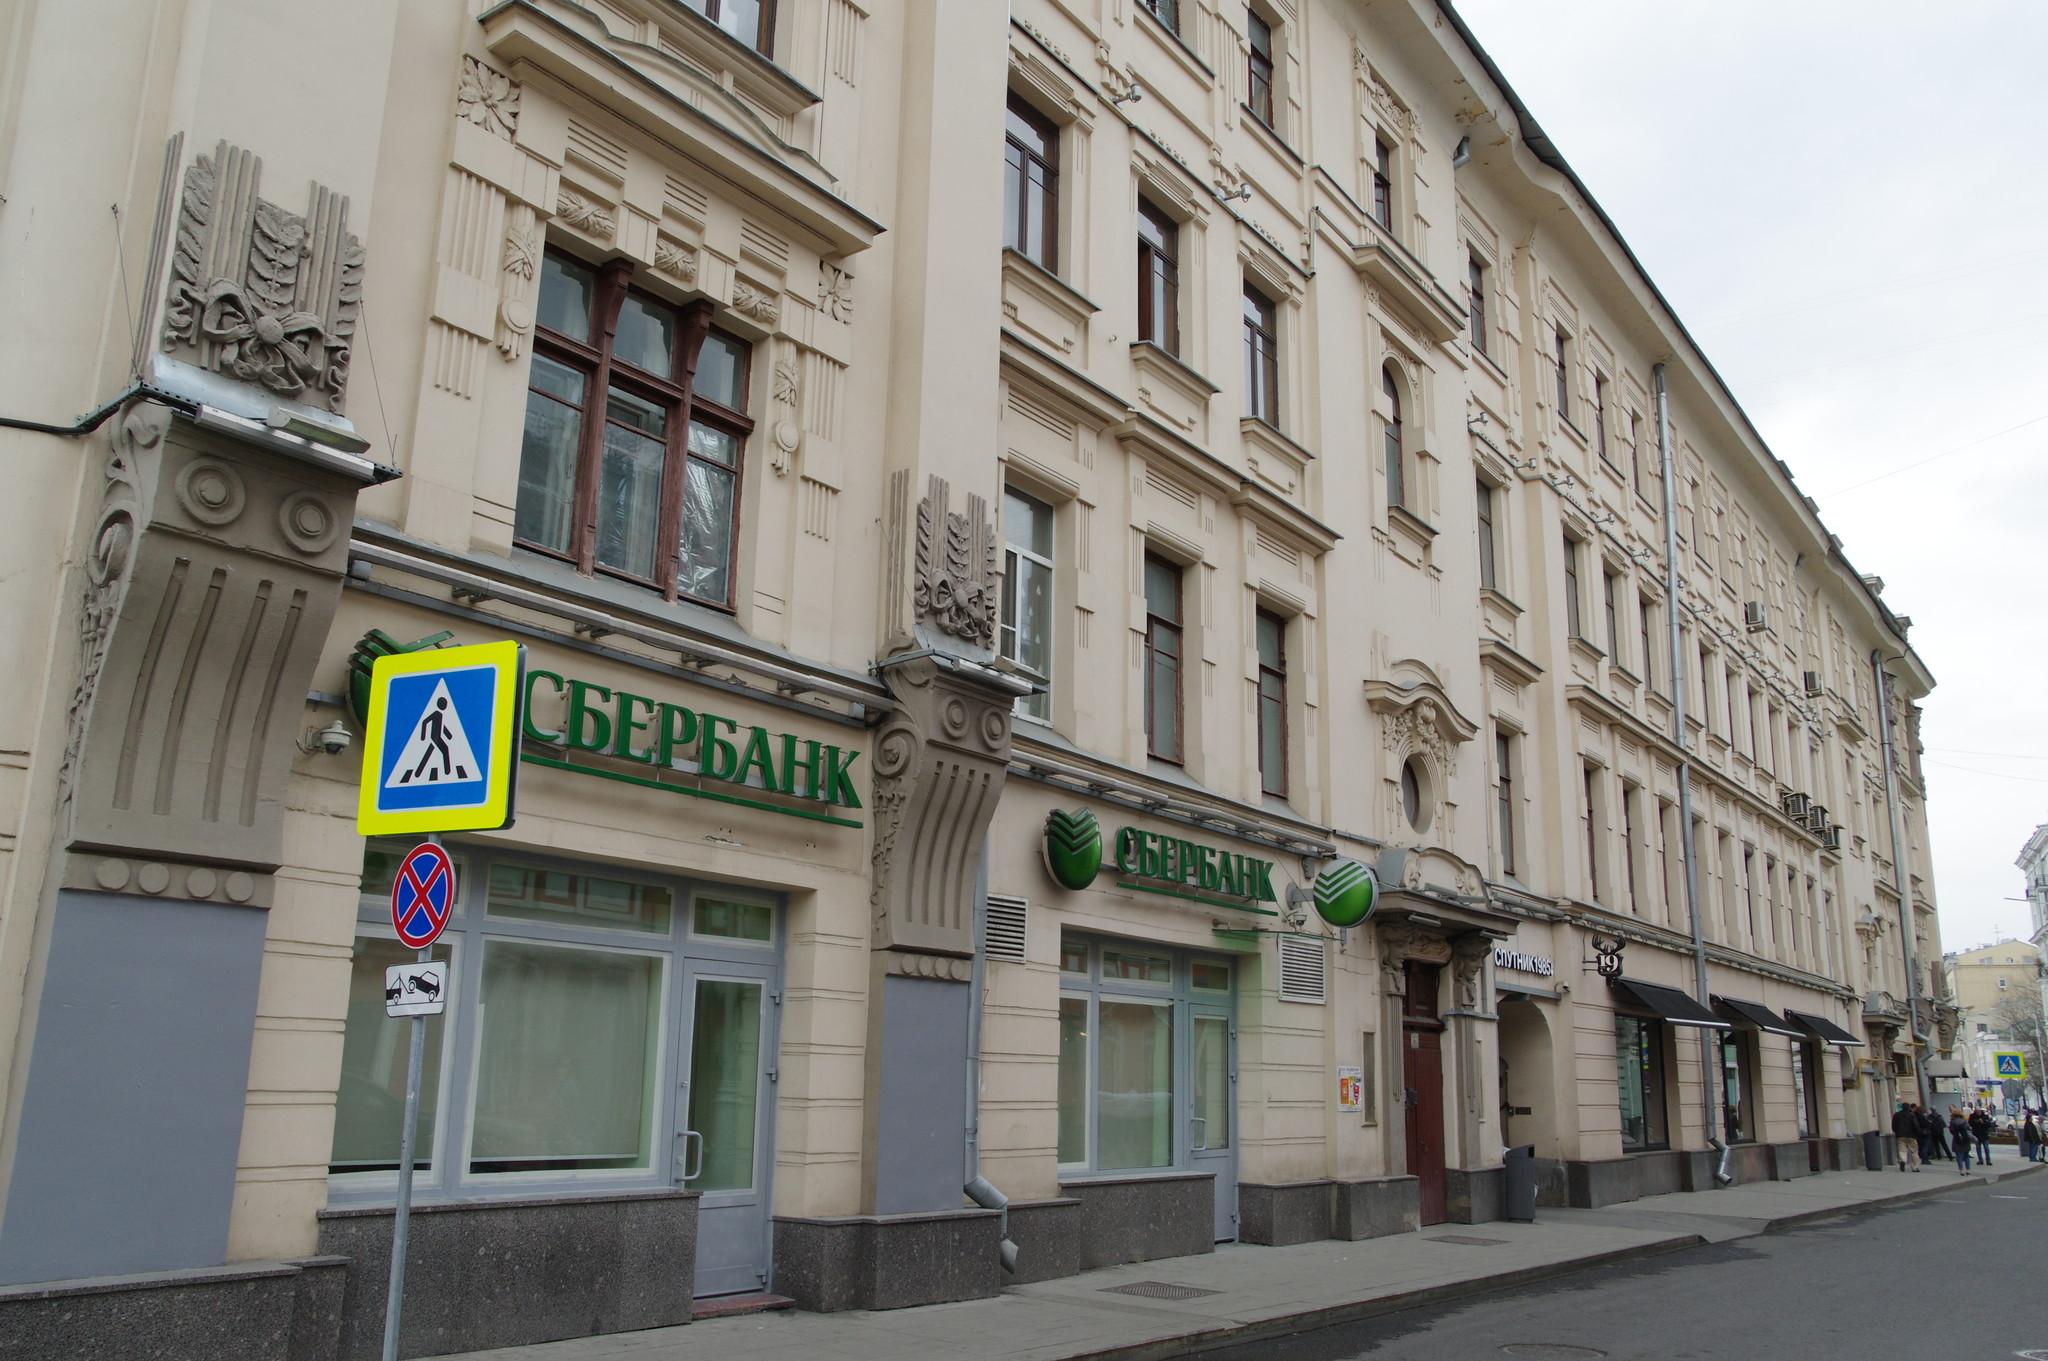 Доходный дом Ф.С. Рахманова (улица Покровка, дом 19)